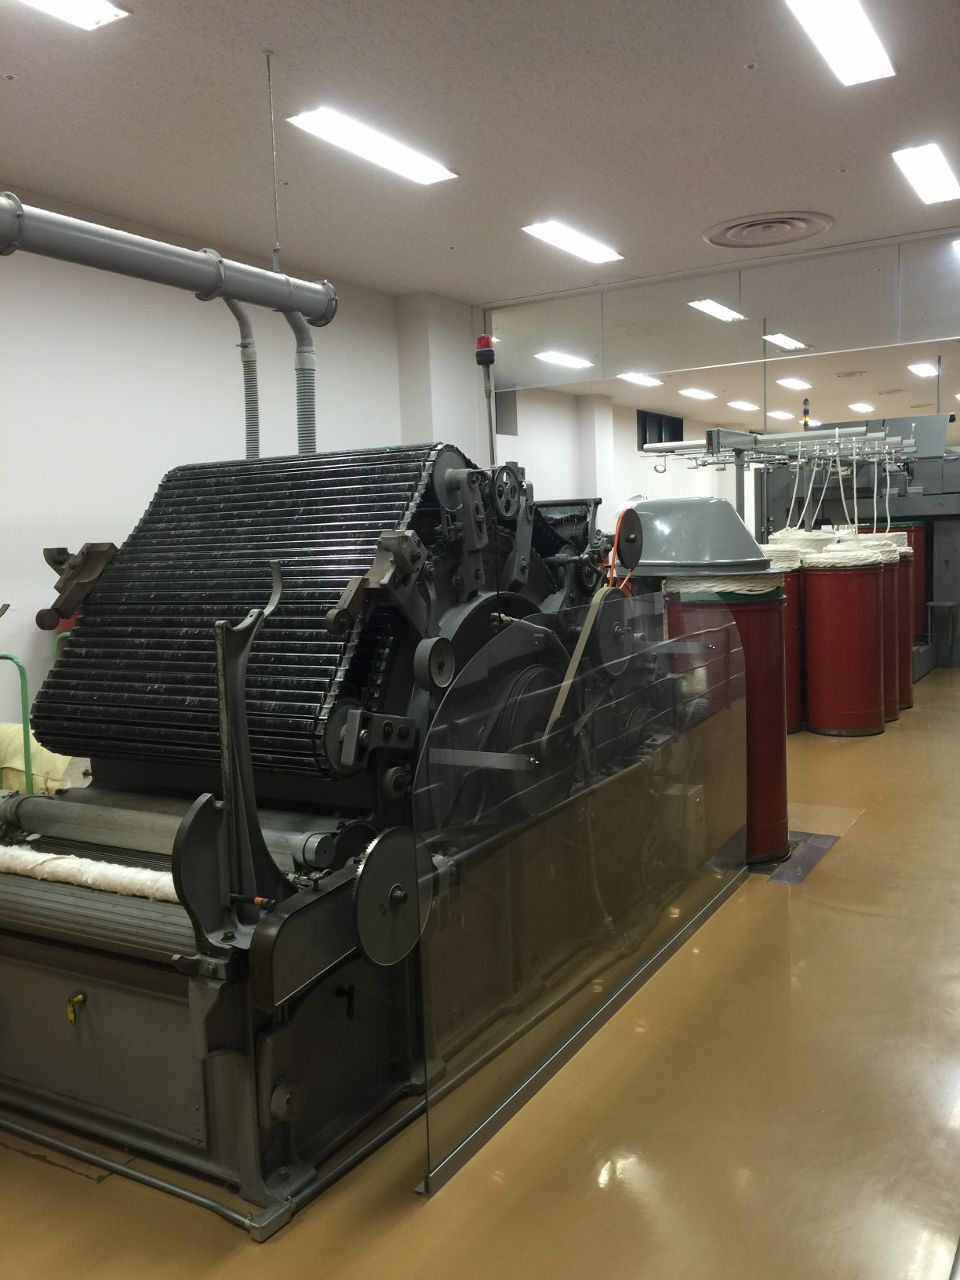 タオルを織り上げる最新技術の工場を見てみよう!